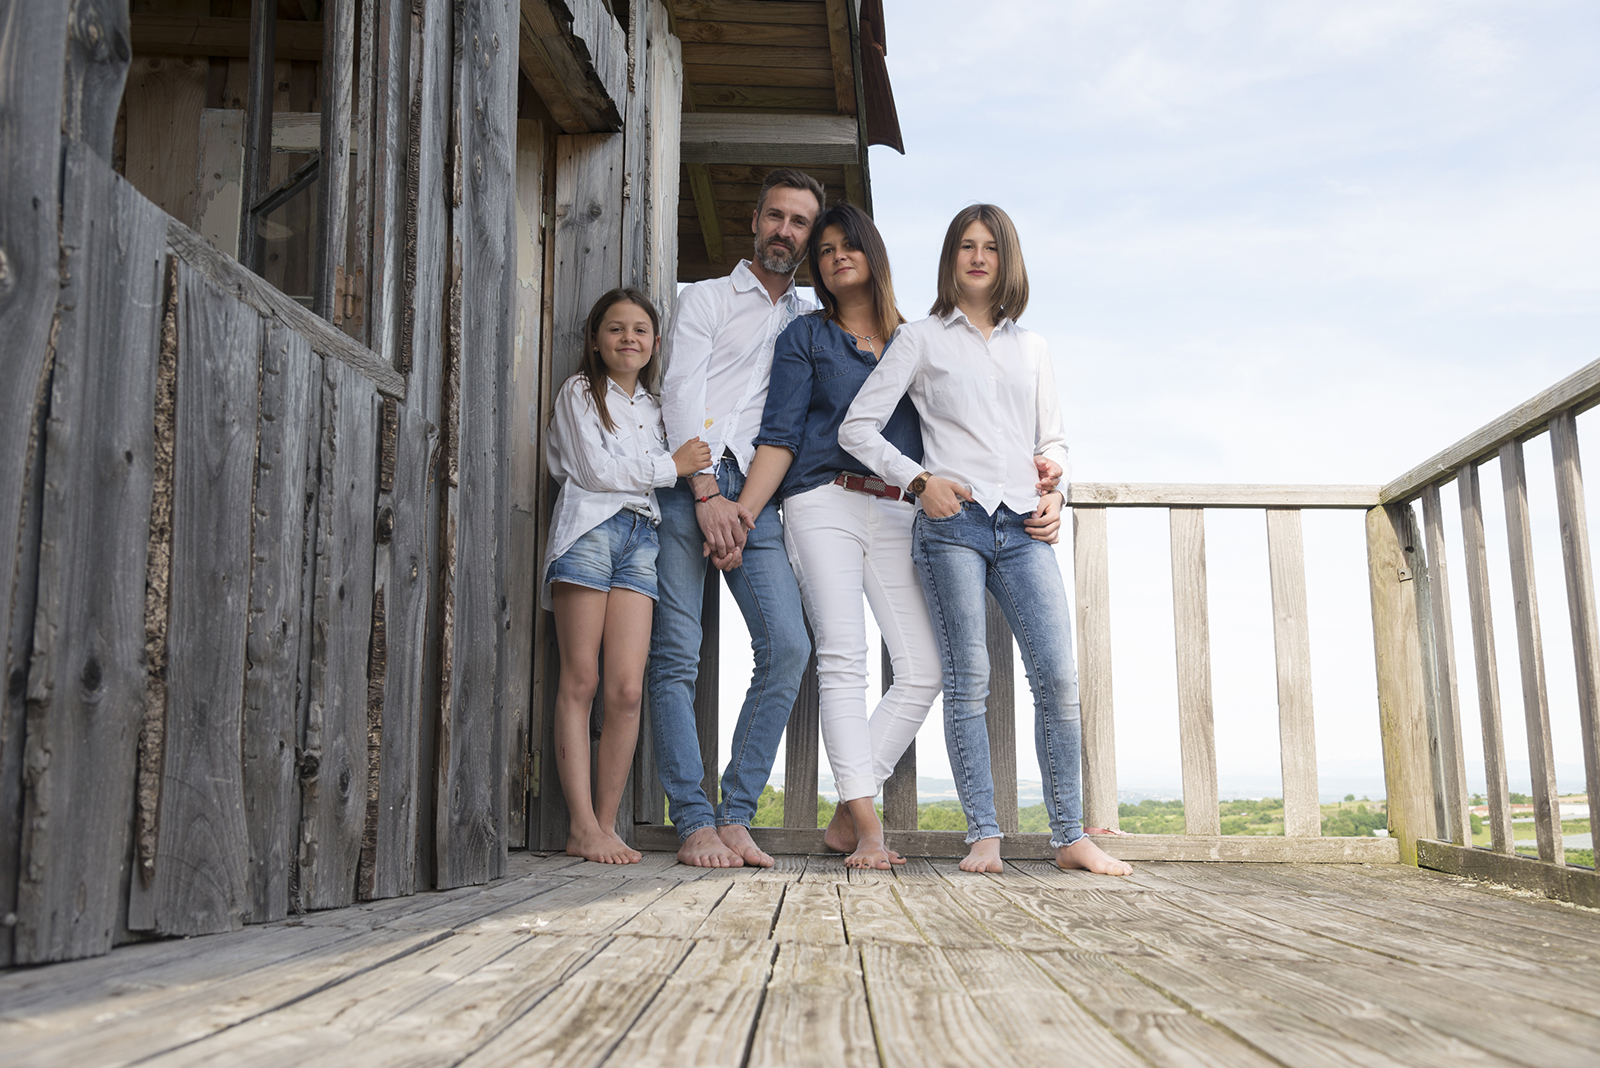 famille sur la terrasse d'une cabane en bois